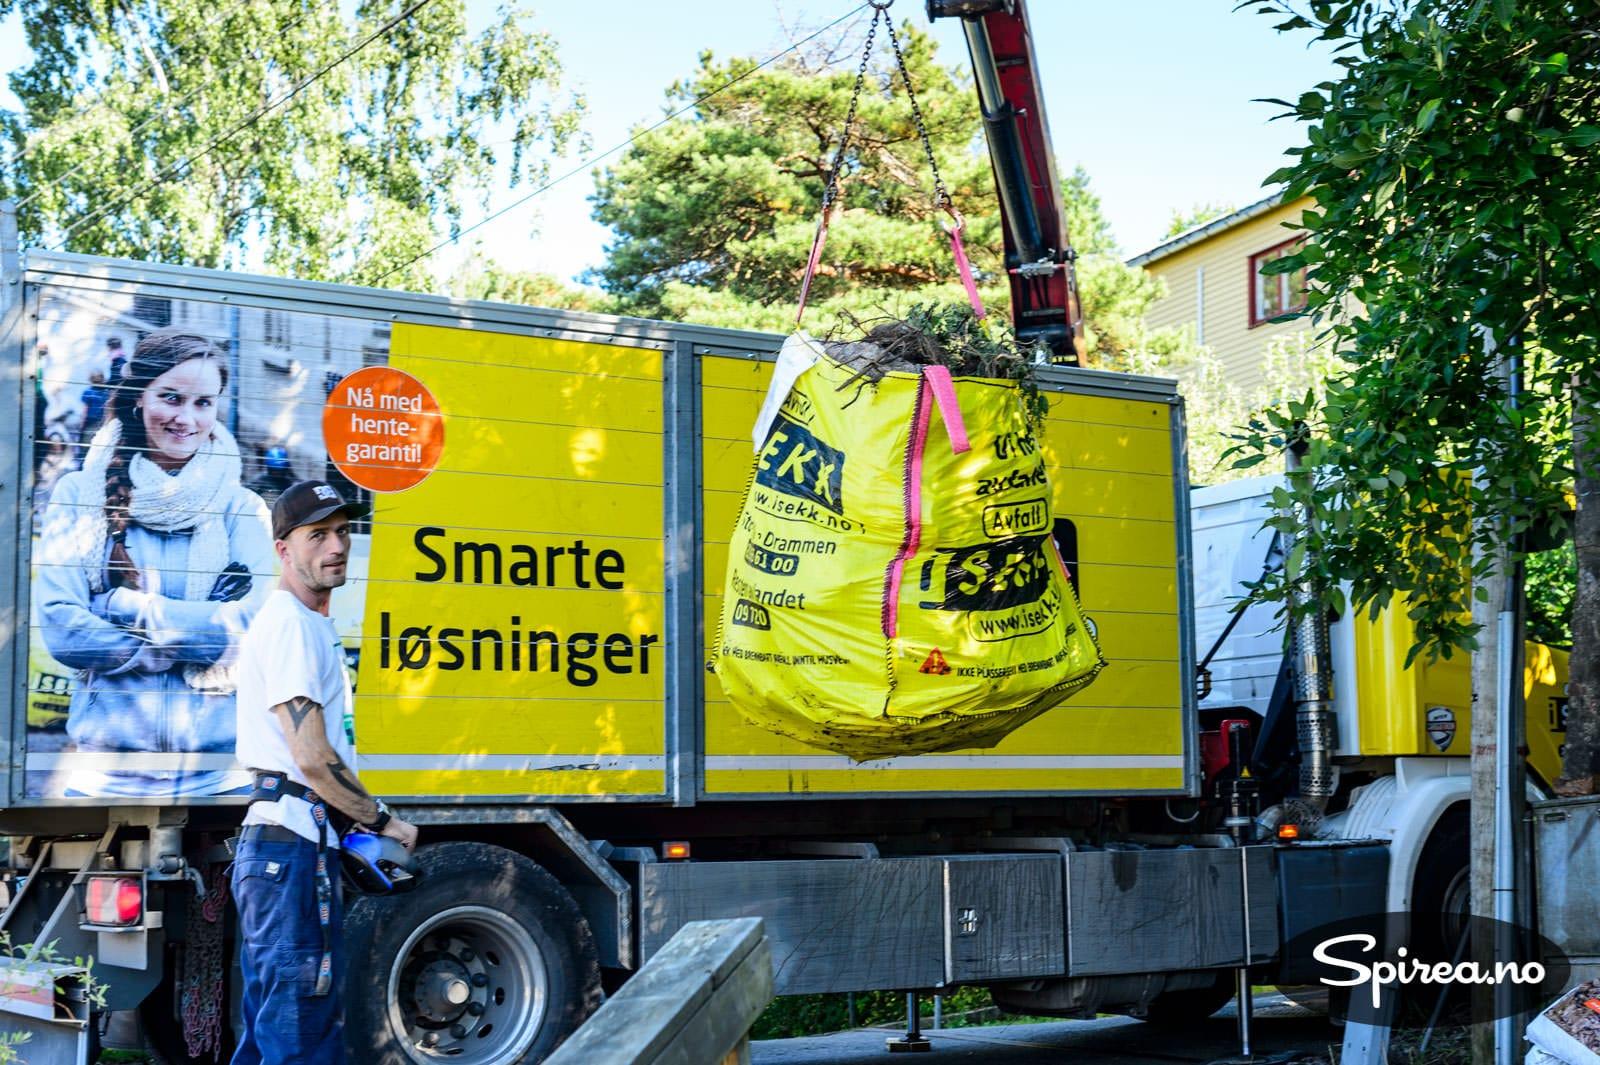 Sett opp iSEkkene innenfor 10 meter fra der bilen kan komme til, så sørger Håkon og hans kolleger for at det blir borte.